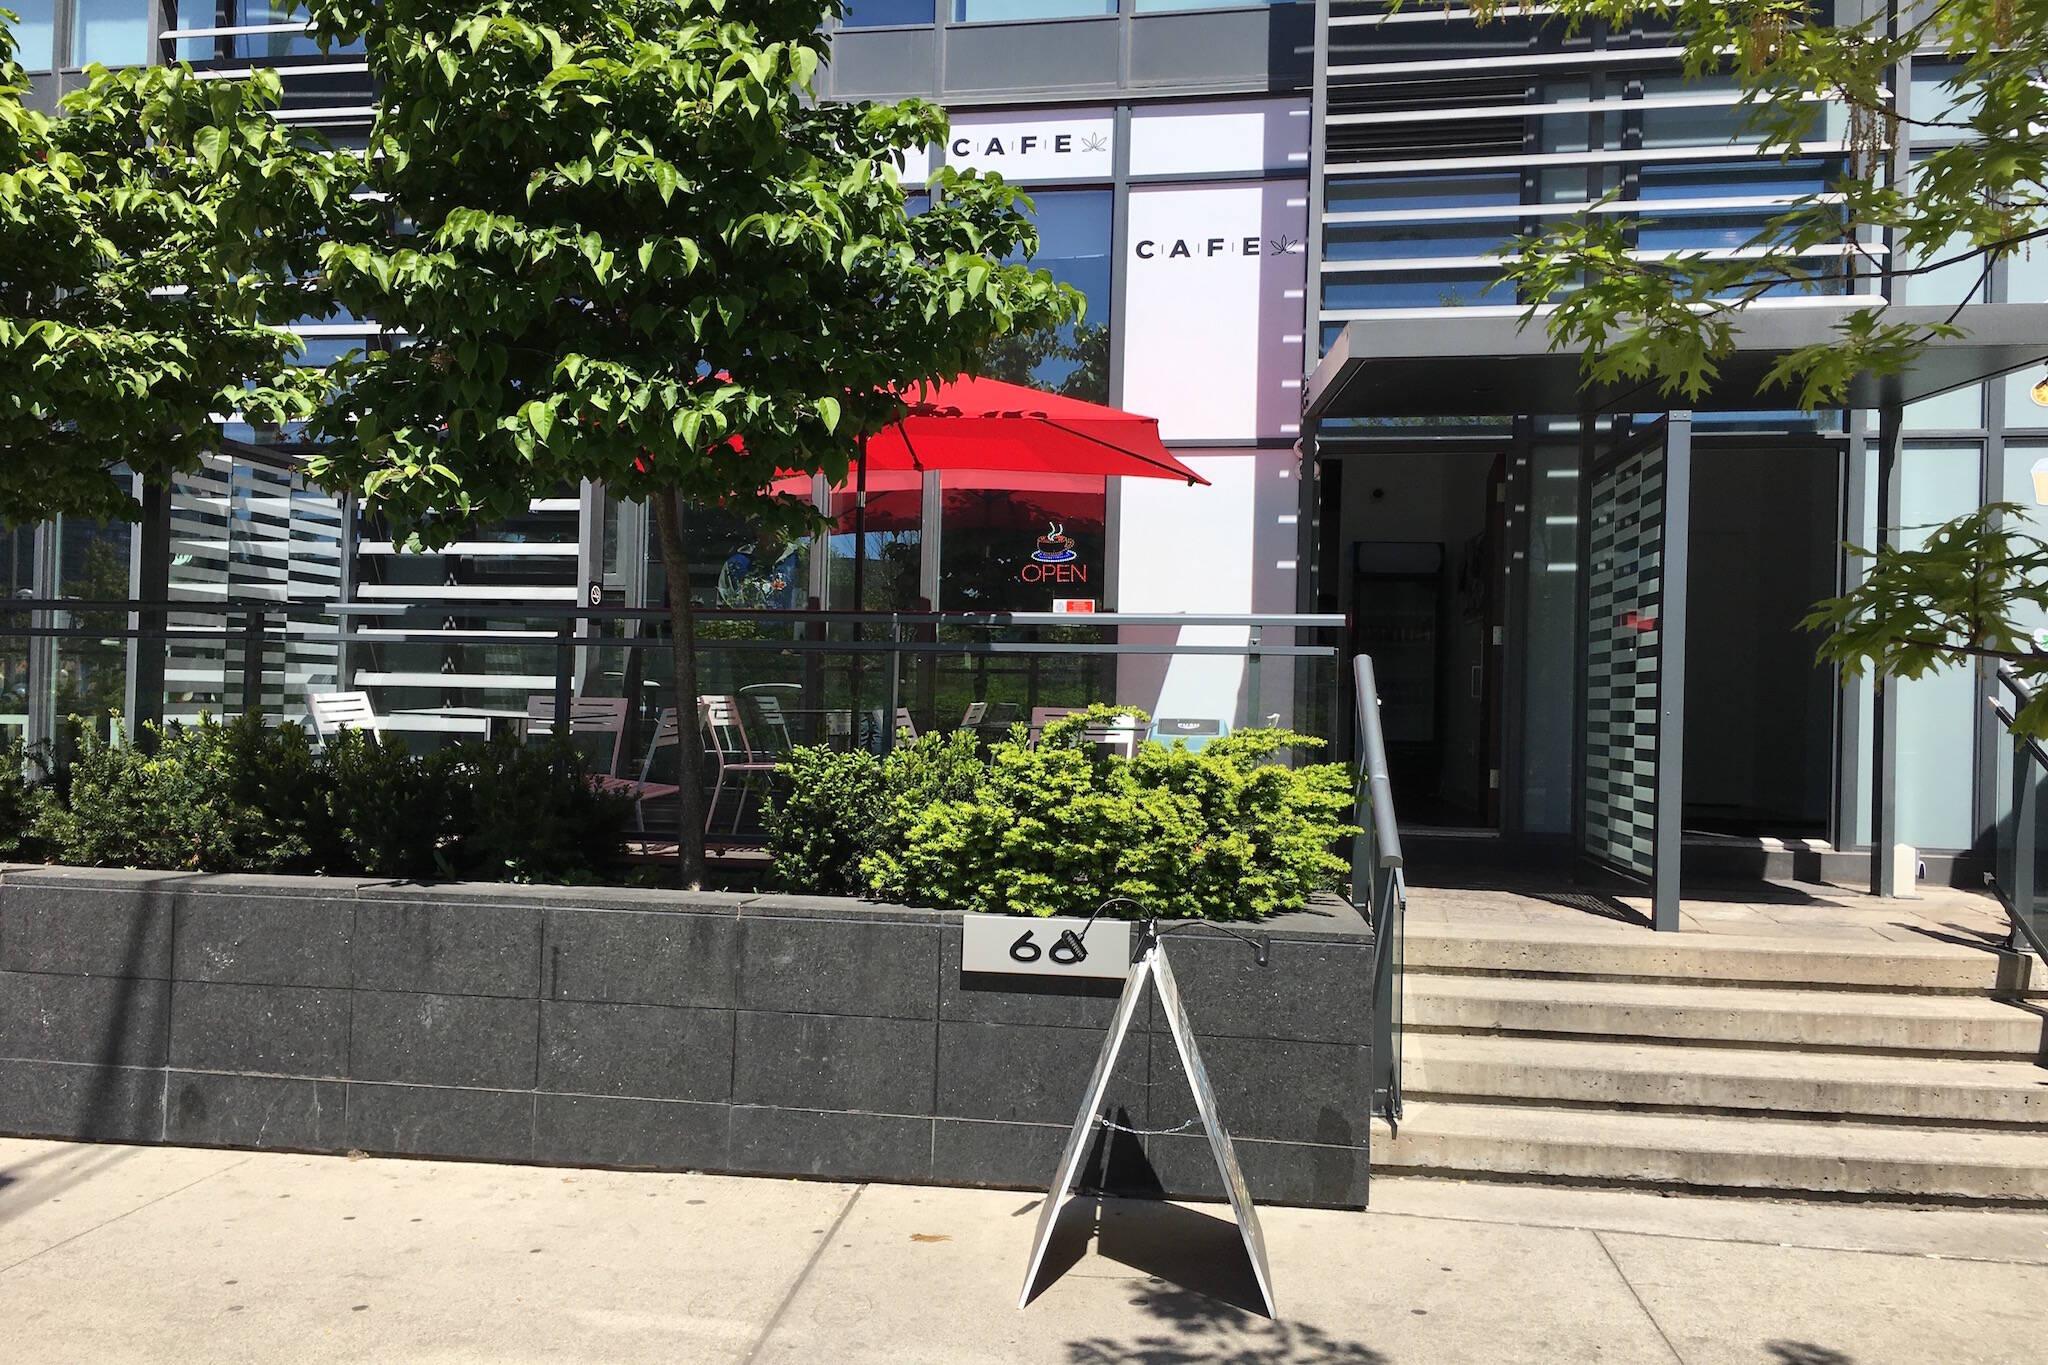 Cafe 66 Toronto